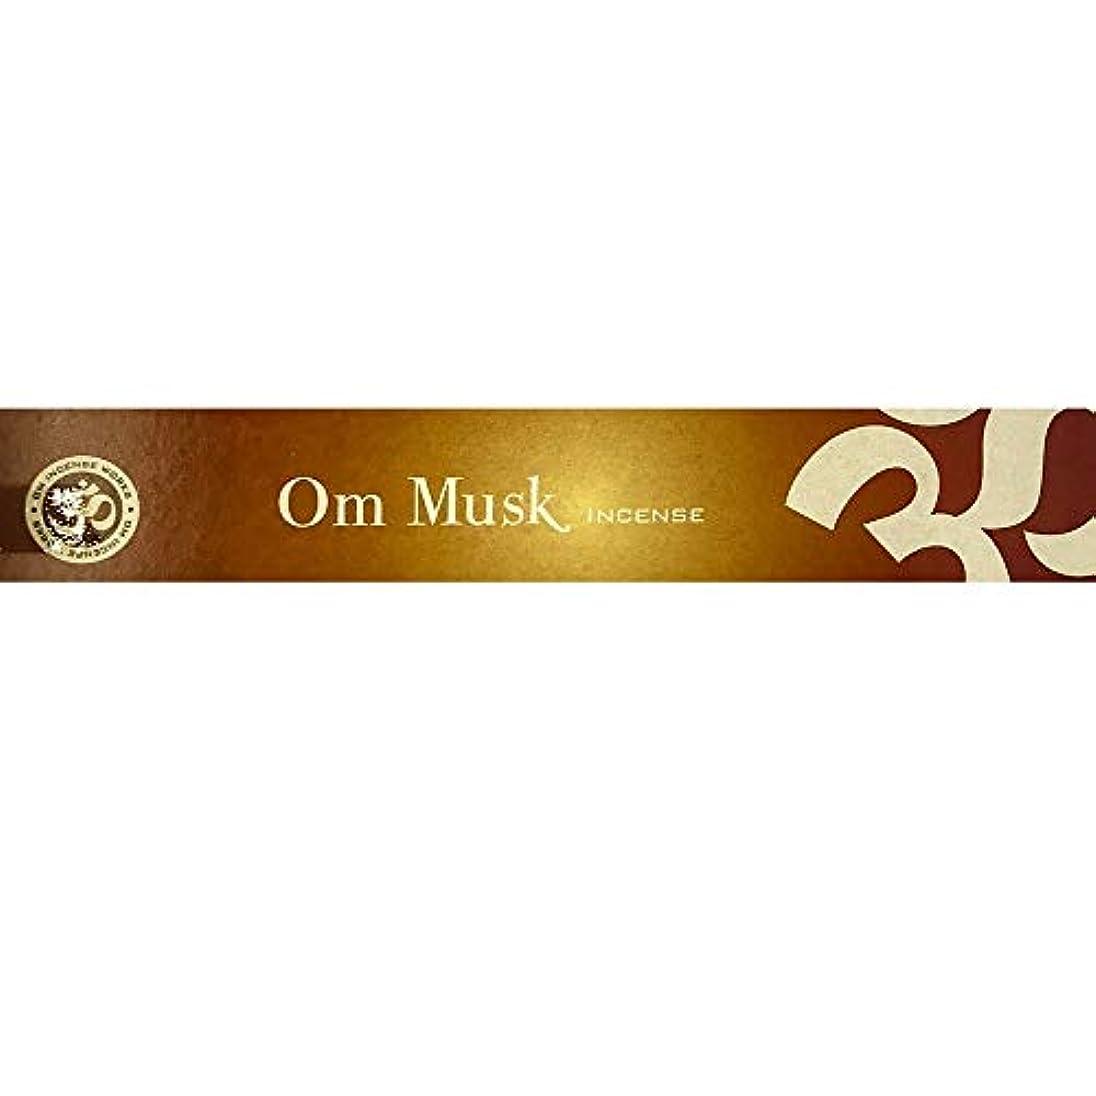 代数的ジャズ奨学金Mary's Naturals Shop Om Musk お香スティック 15グラムボックス